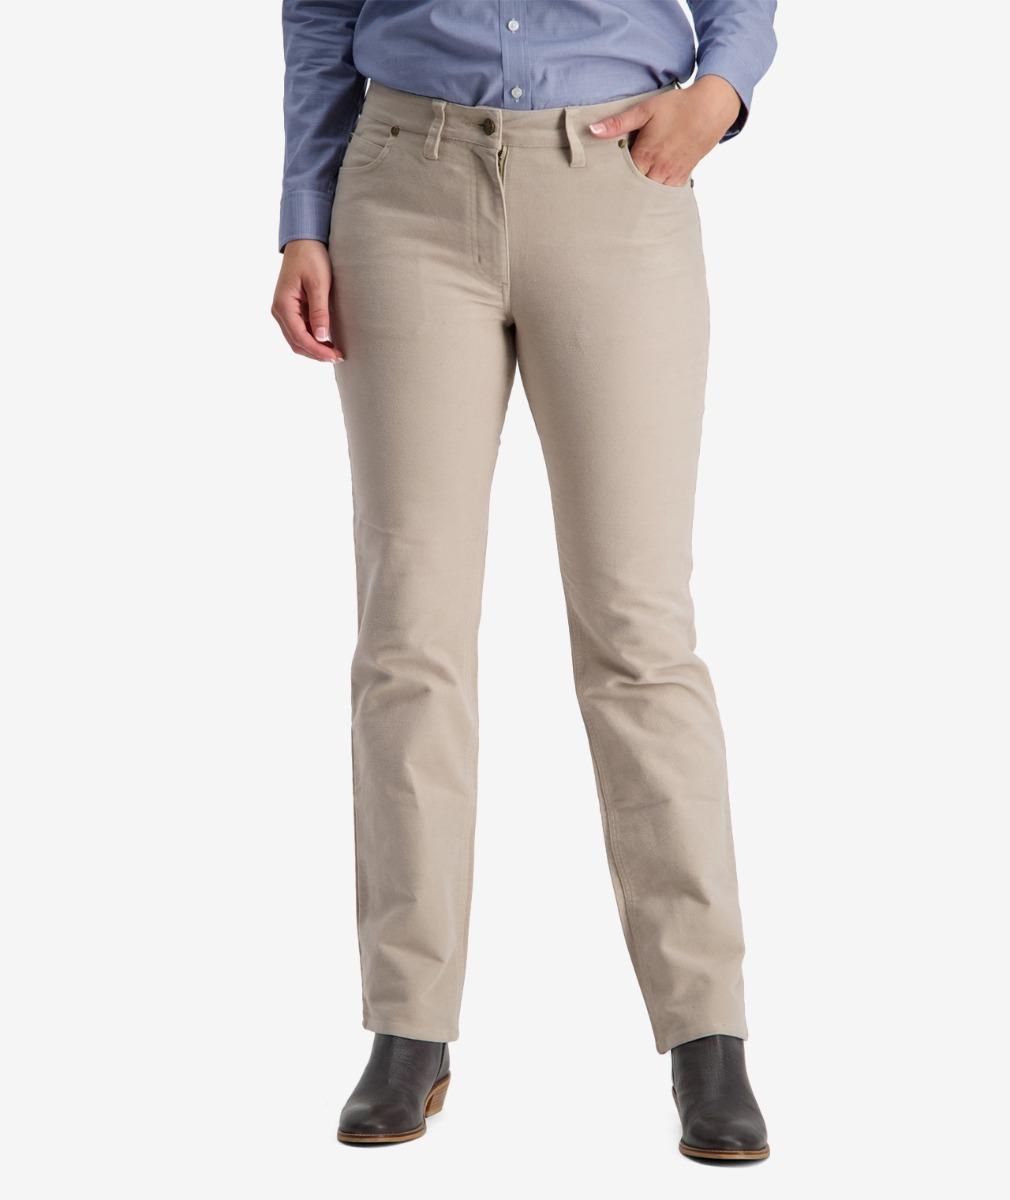 Whitecliffs Moleskin Pants